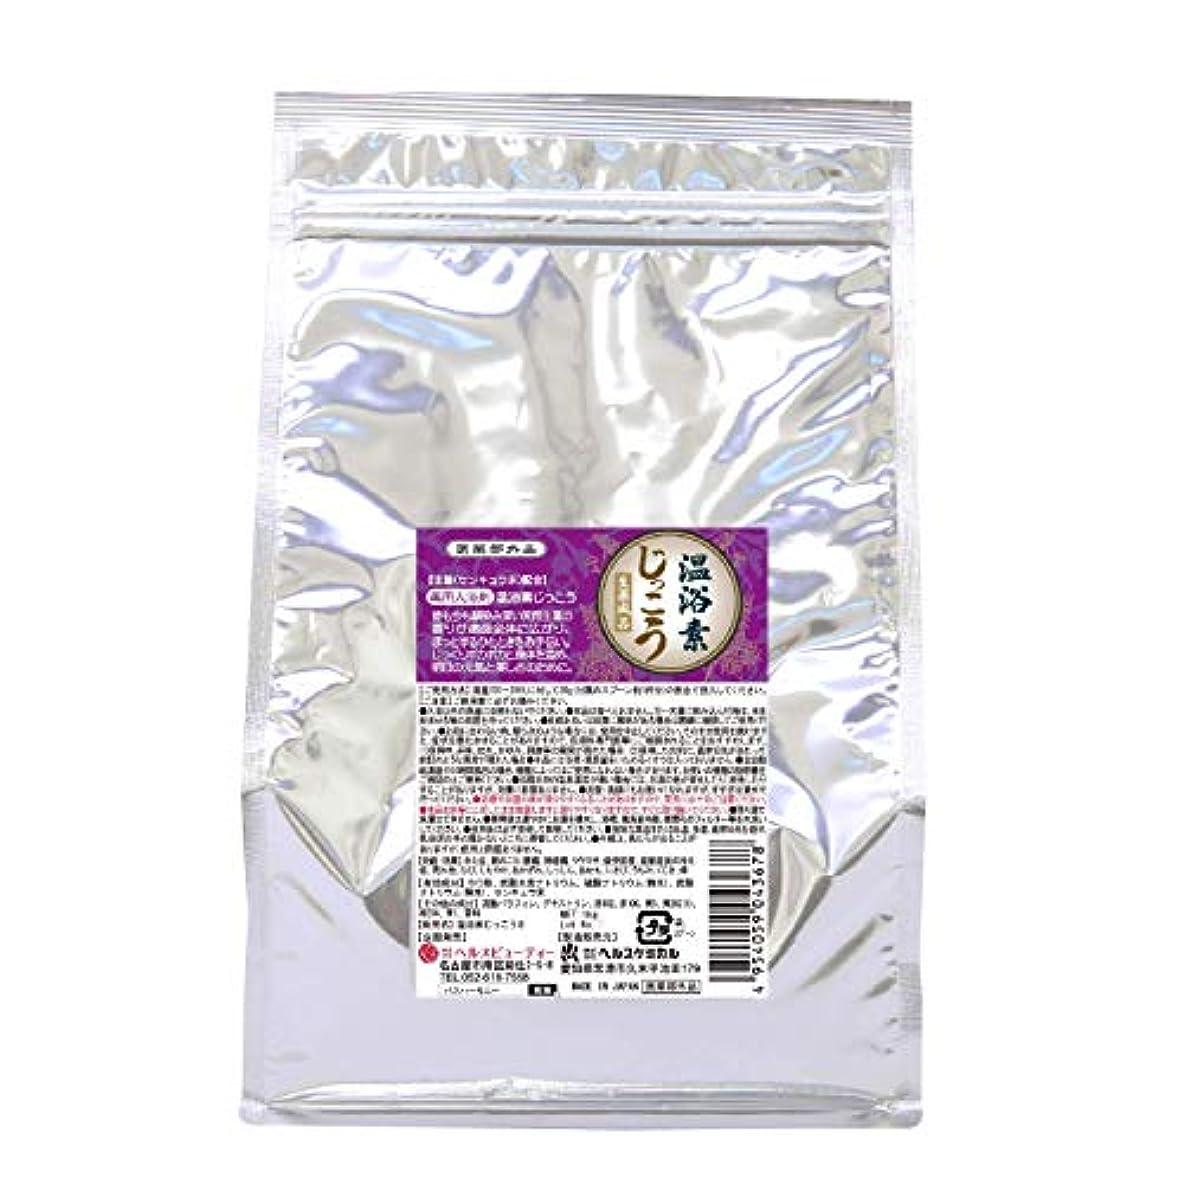 ワーディアンケース牛肉聖職者入浴剤 湯匠仕込 温浴素じっこう 生薬 薬湯 1kg 50回分 お徳用 医薬部外品